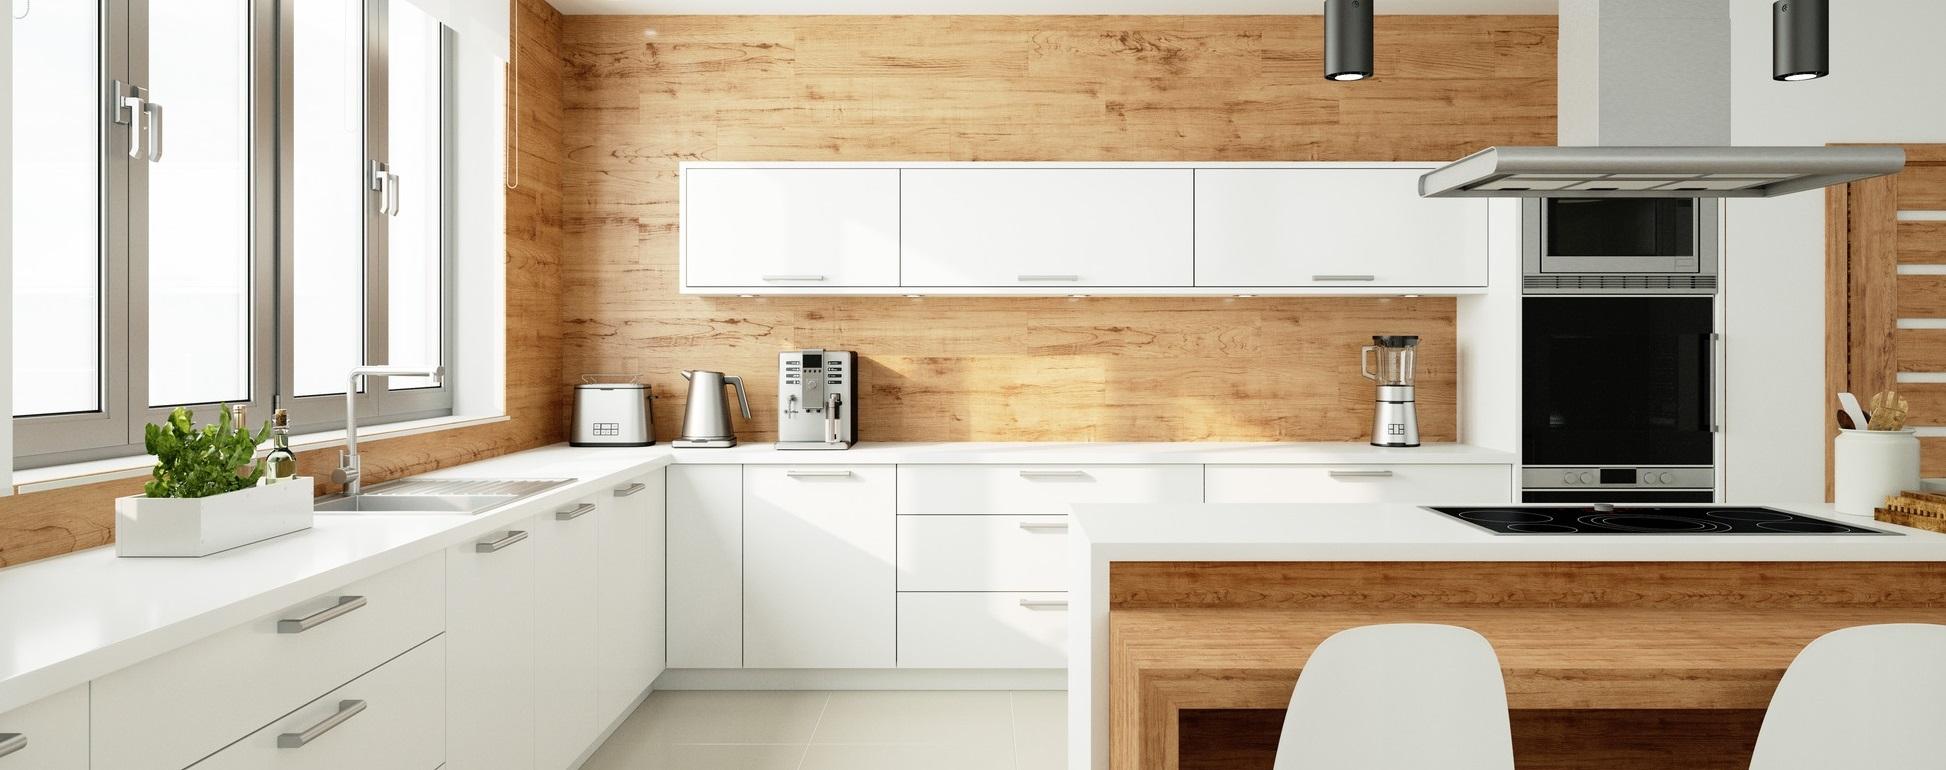 Offene helle Küche als Wohnküche mit Essbereich und Fenster